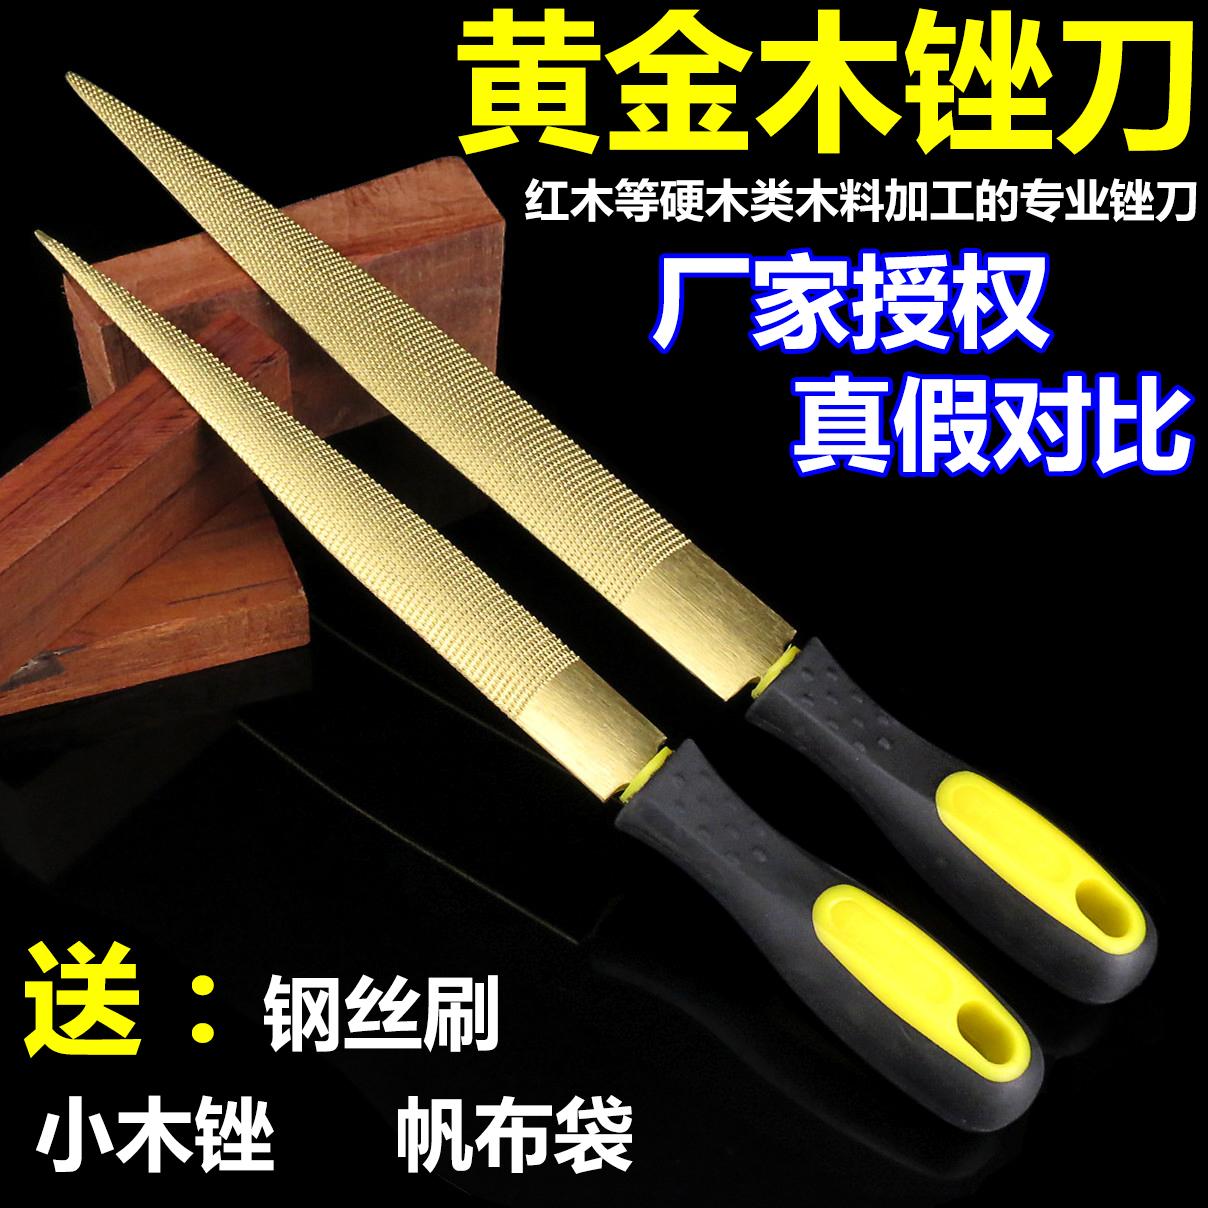 红木锉刀 木工锉刀 硬木锉 木锉 木雕 细齿 毛锉 尖木锉 黄金锉刀